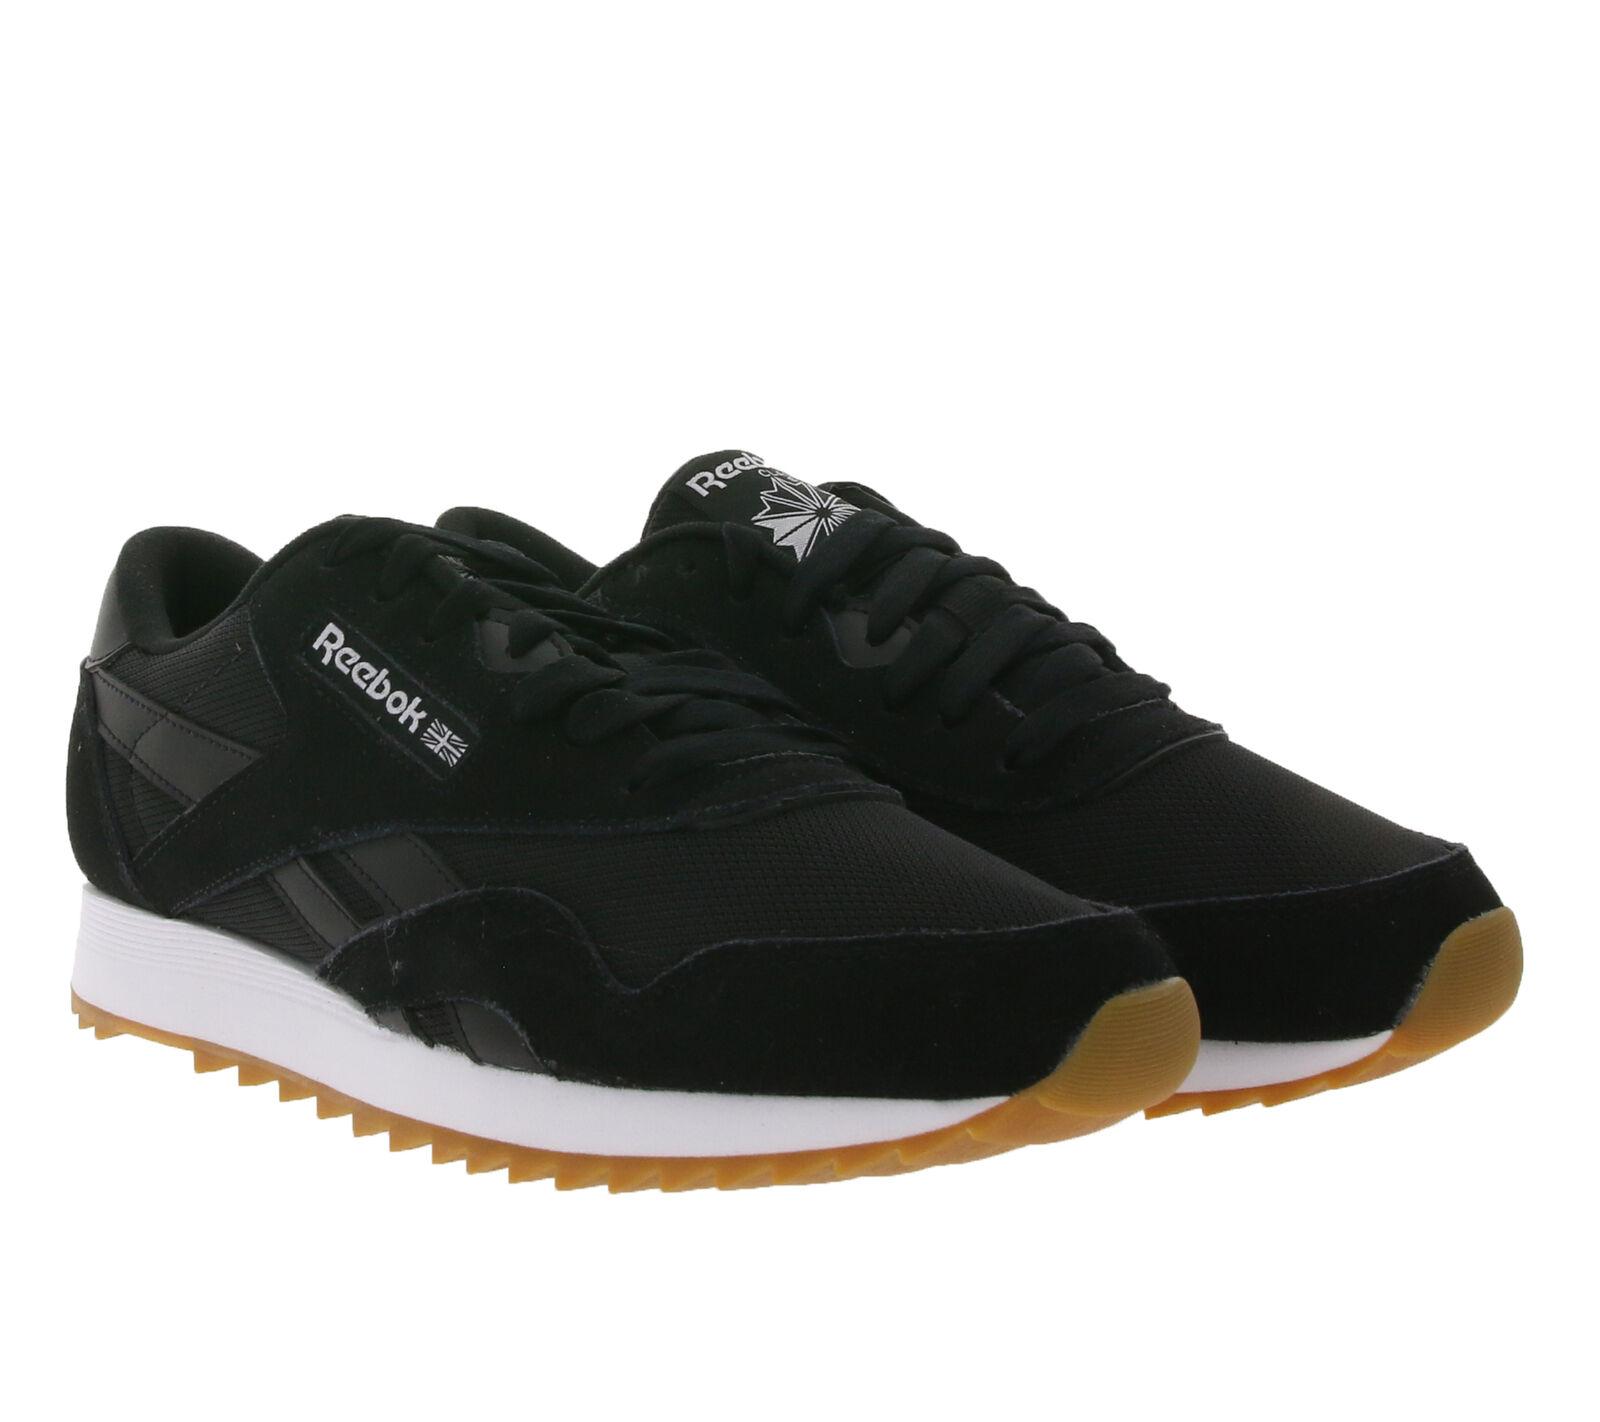 Reebok Classic Nylon Ripple Mu Retro Sneaker Chaussures Décontractées Classique